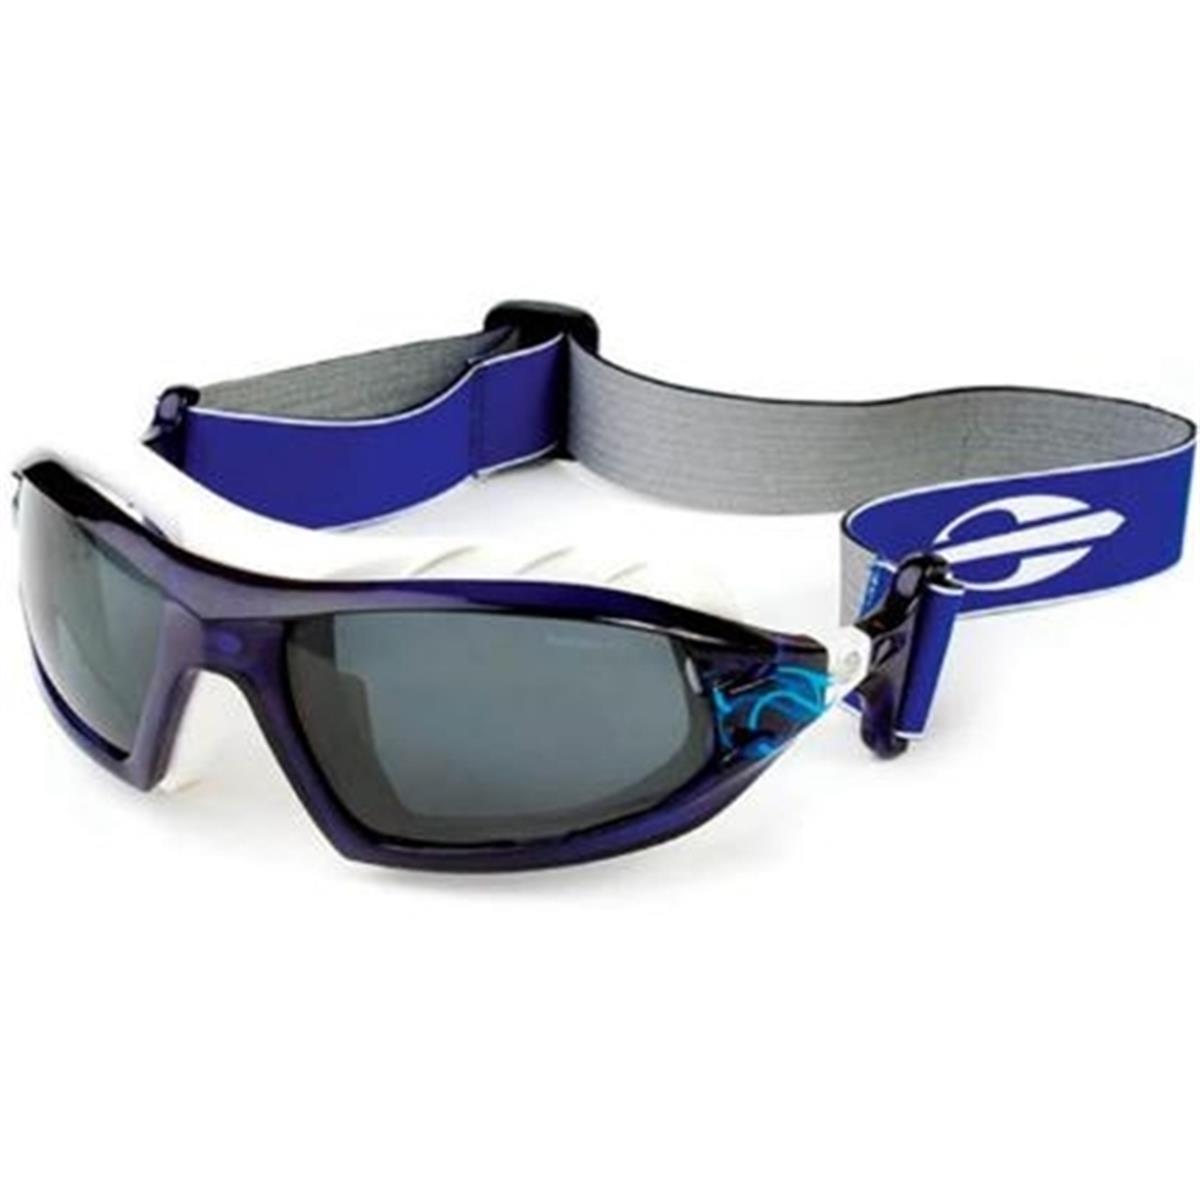 4ff84fc76643b Óculos de Sol Esportivo Aquático Azul FLOATERKIT Mormaii